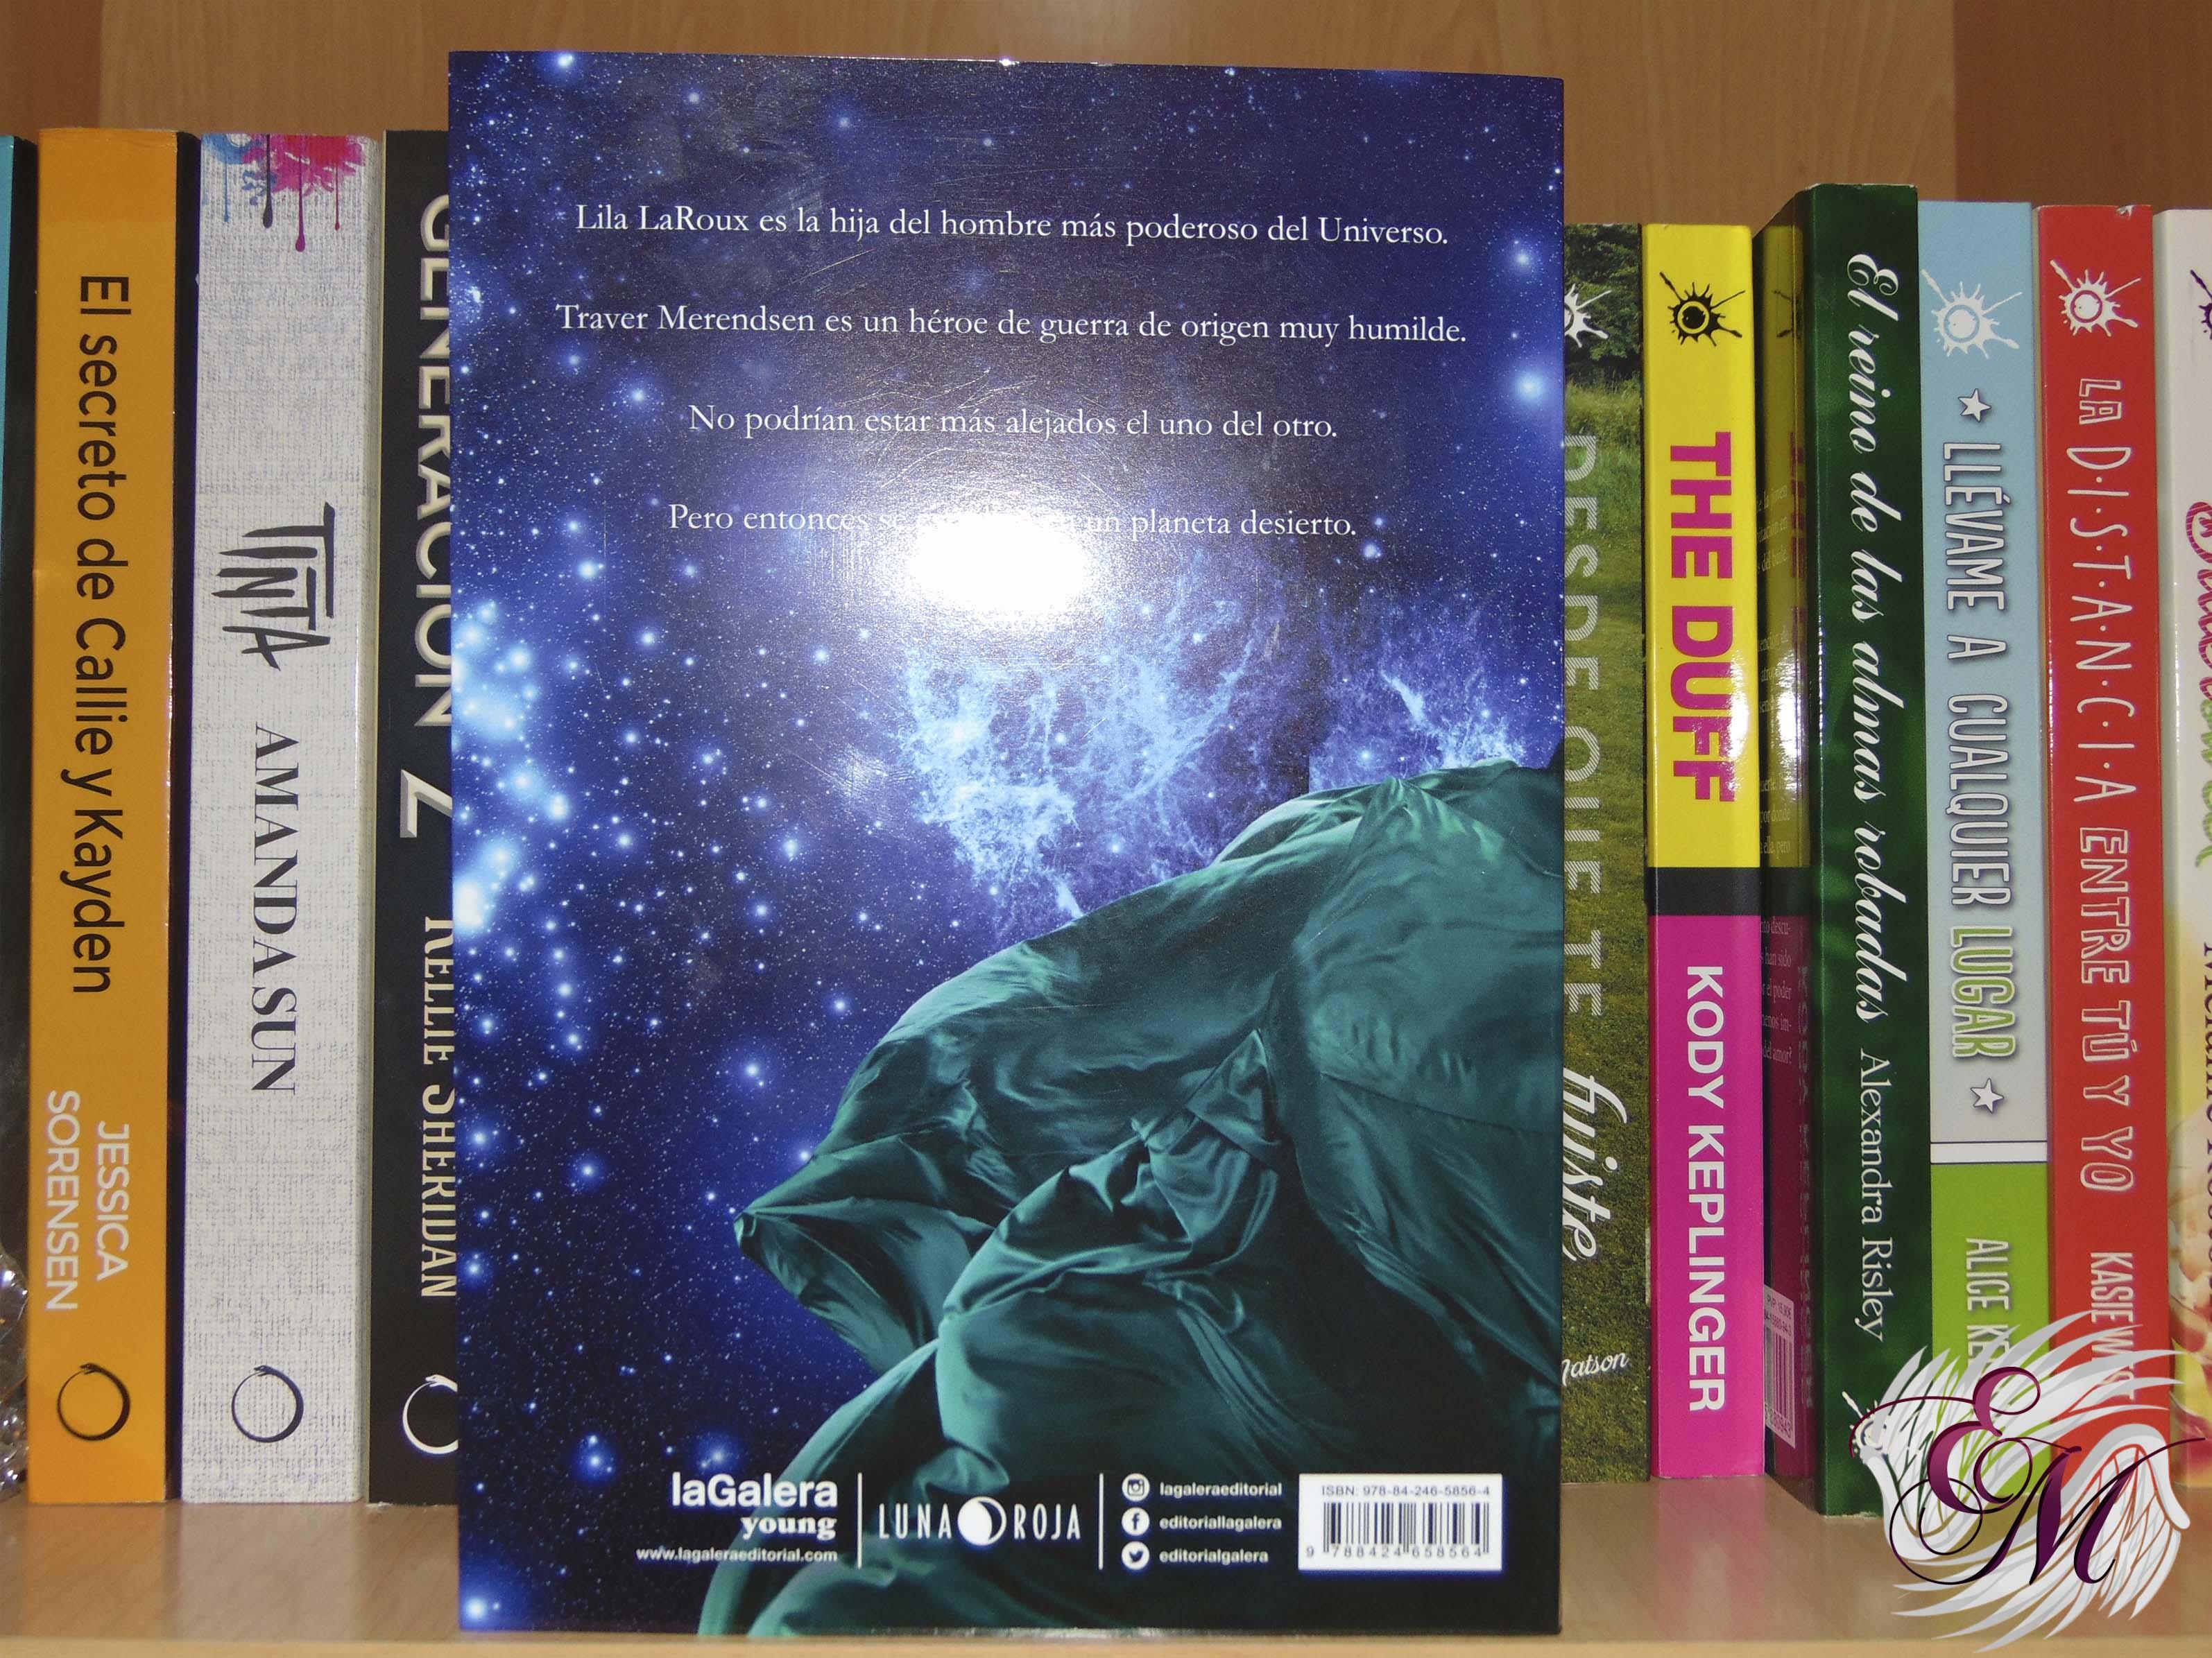 Atados a las estrellas, de Amie Kaufman y Meagan Spooner - Reseña